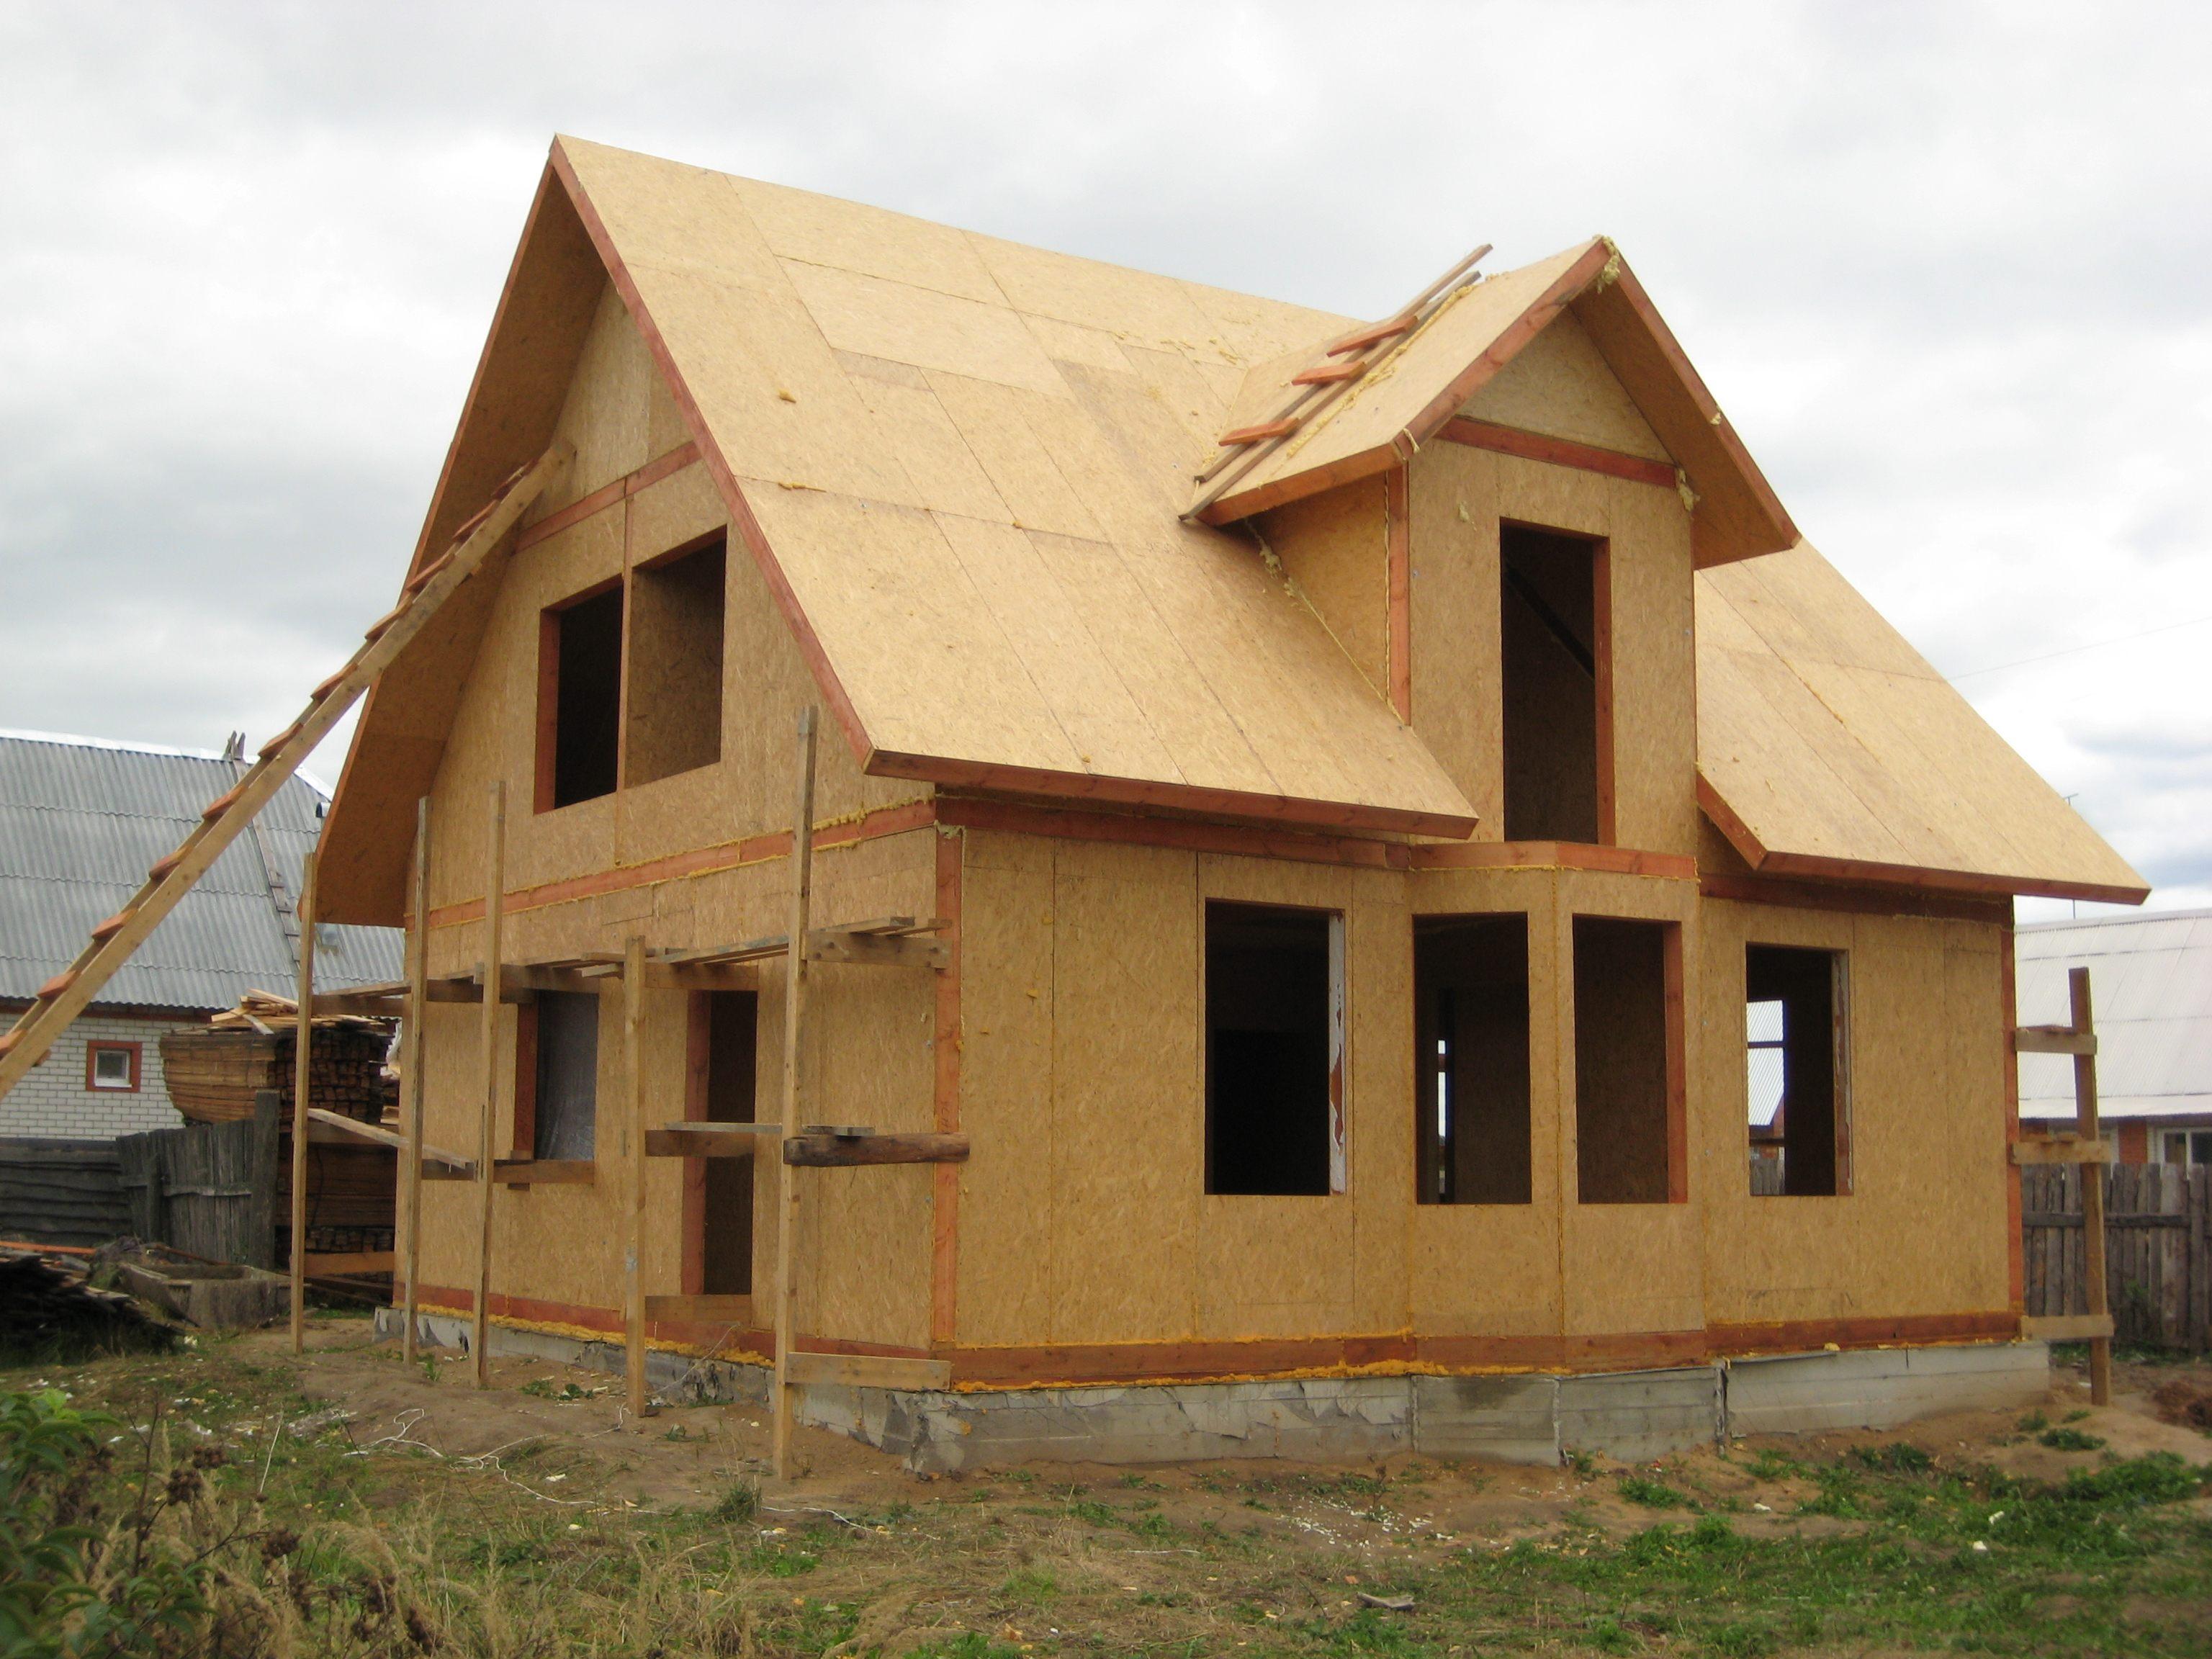 Как построить дом своими руками дешево и красиво проекты из осп